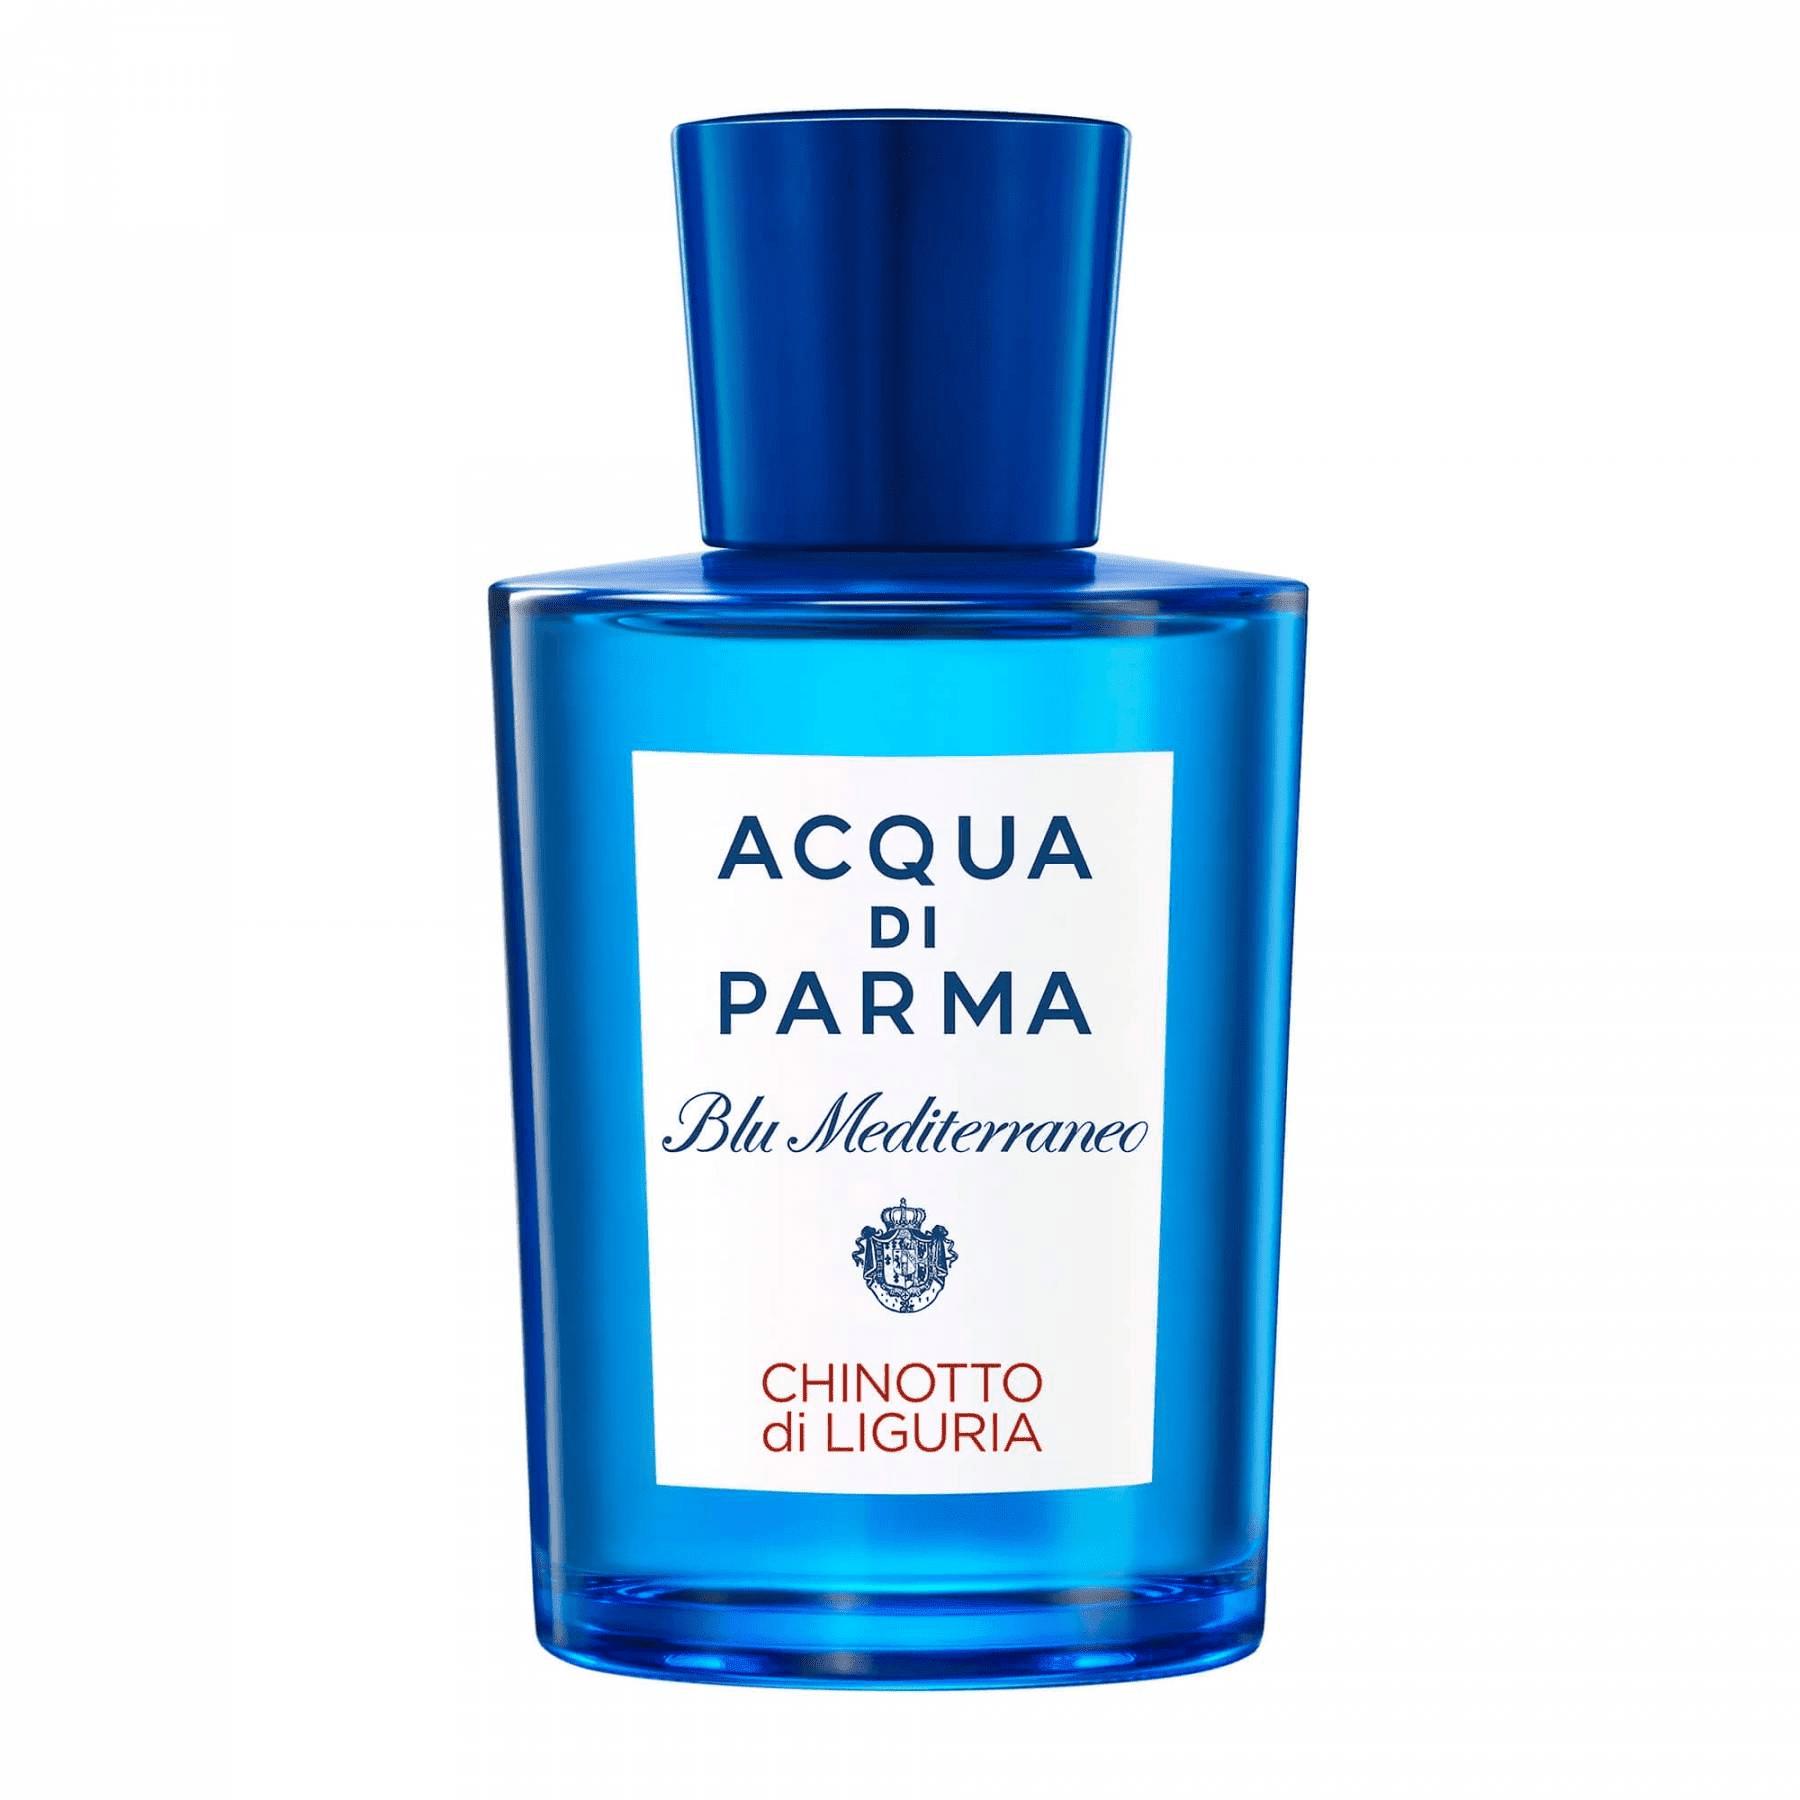 Blu Mediterraneo Chinotto di Liguria, de Acqua Di Parma